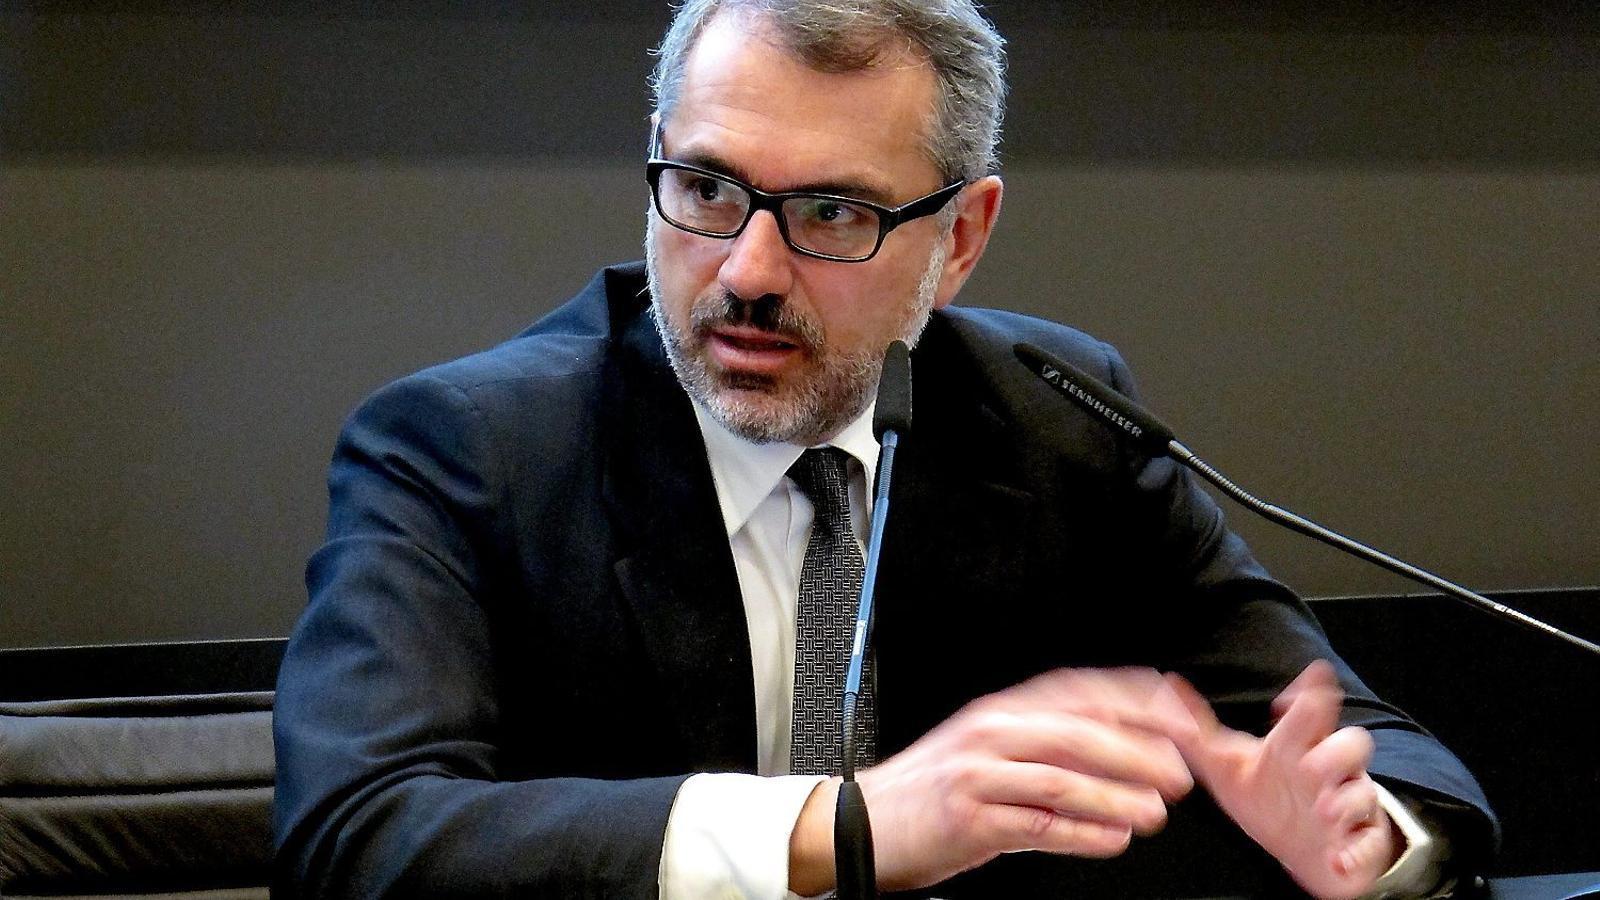 El grup que presideix Marc Puig vol facturar 2.000 milions el 2017.